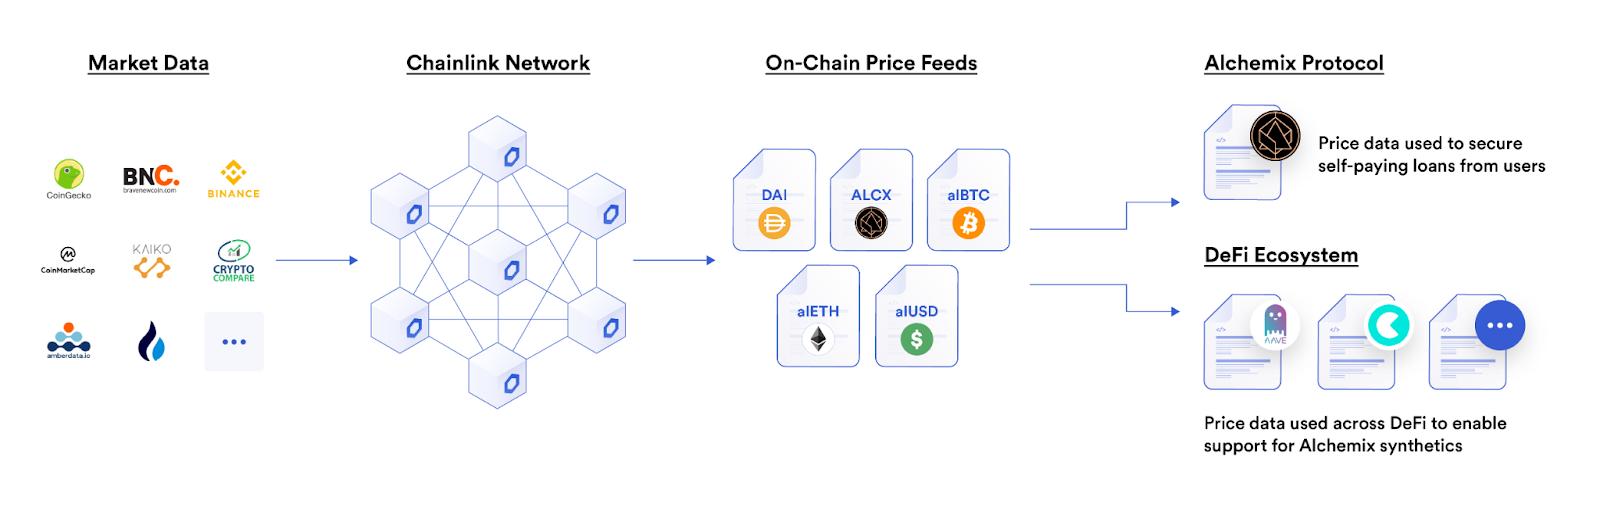 外部データをChainlinkネットワークに接続してオンチェーン価格フィードとして各DeFiプロトコルに持ち込んでいる